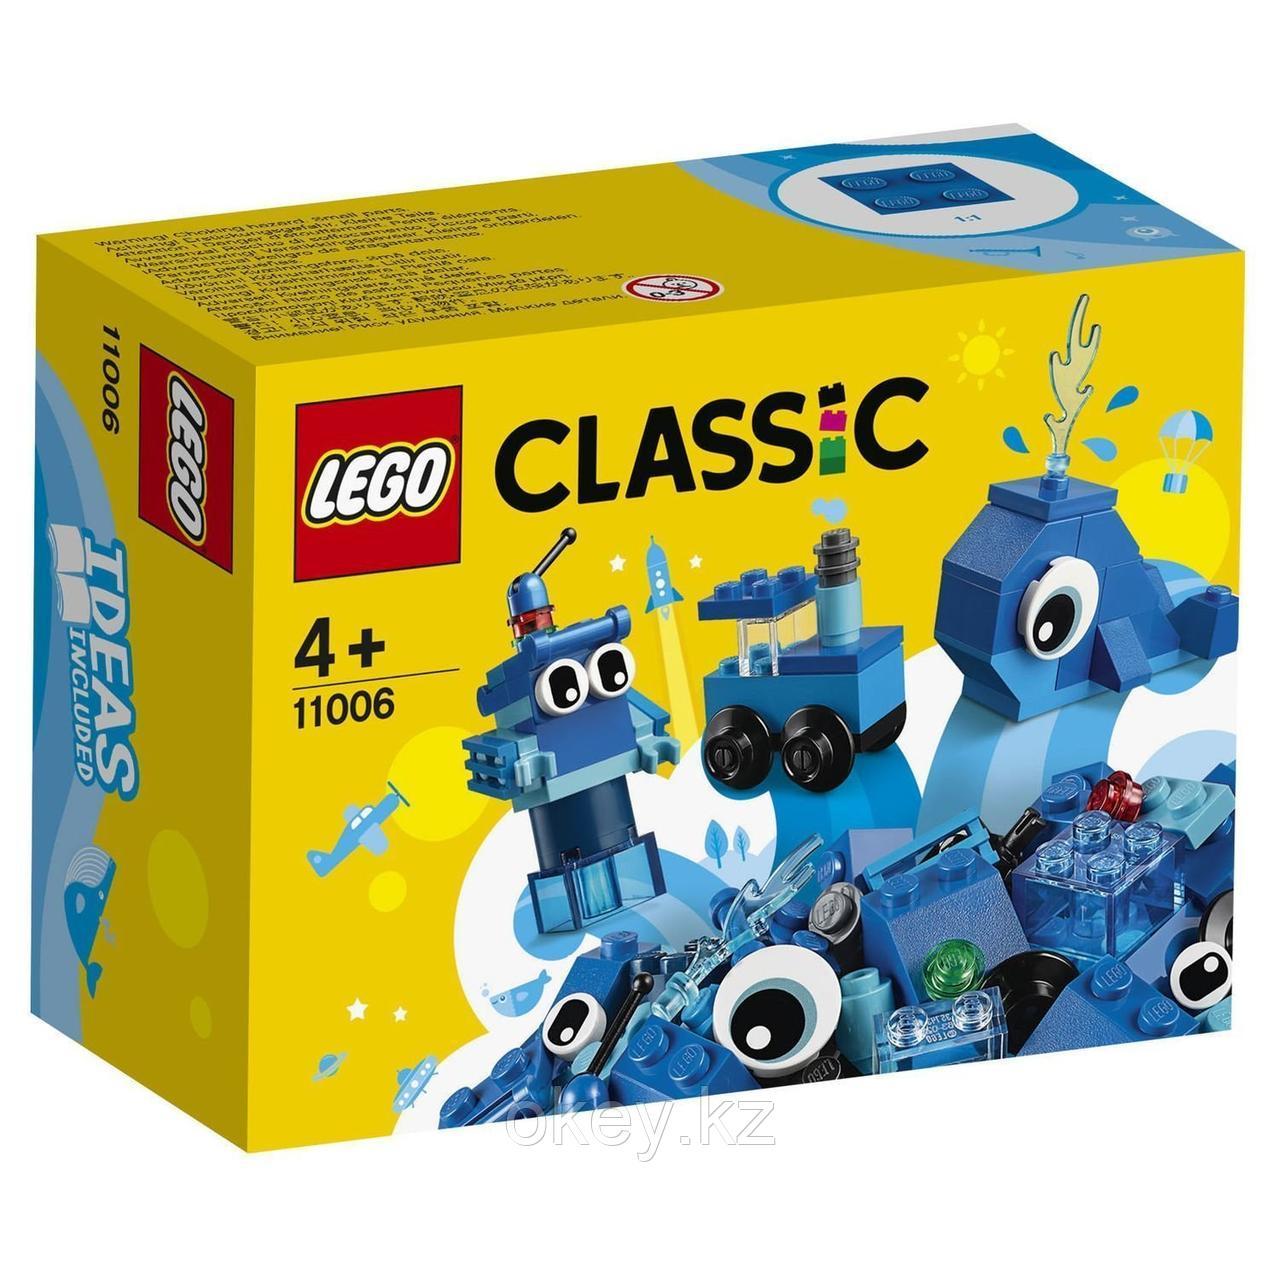 LEGO Classic: Синий набор для конструирования 11006